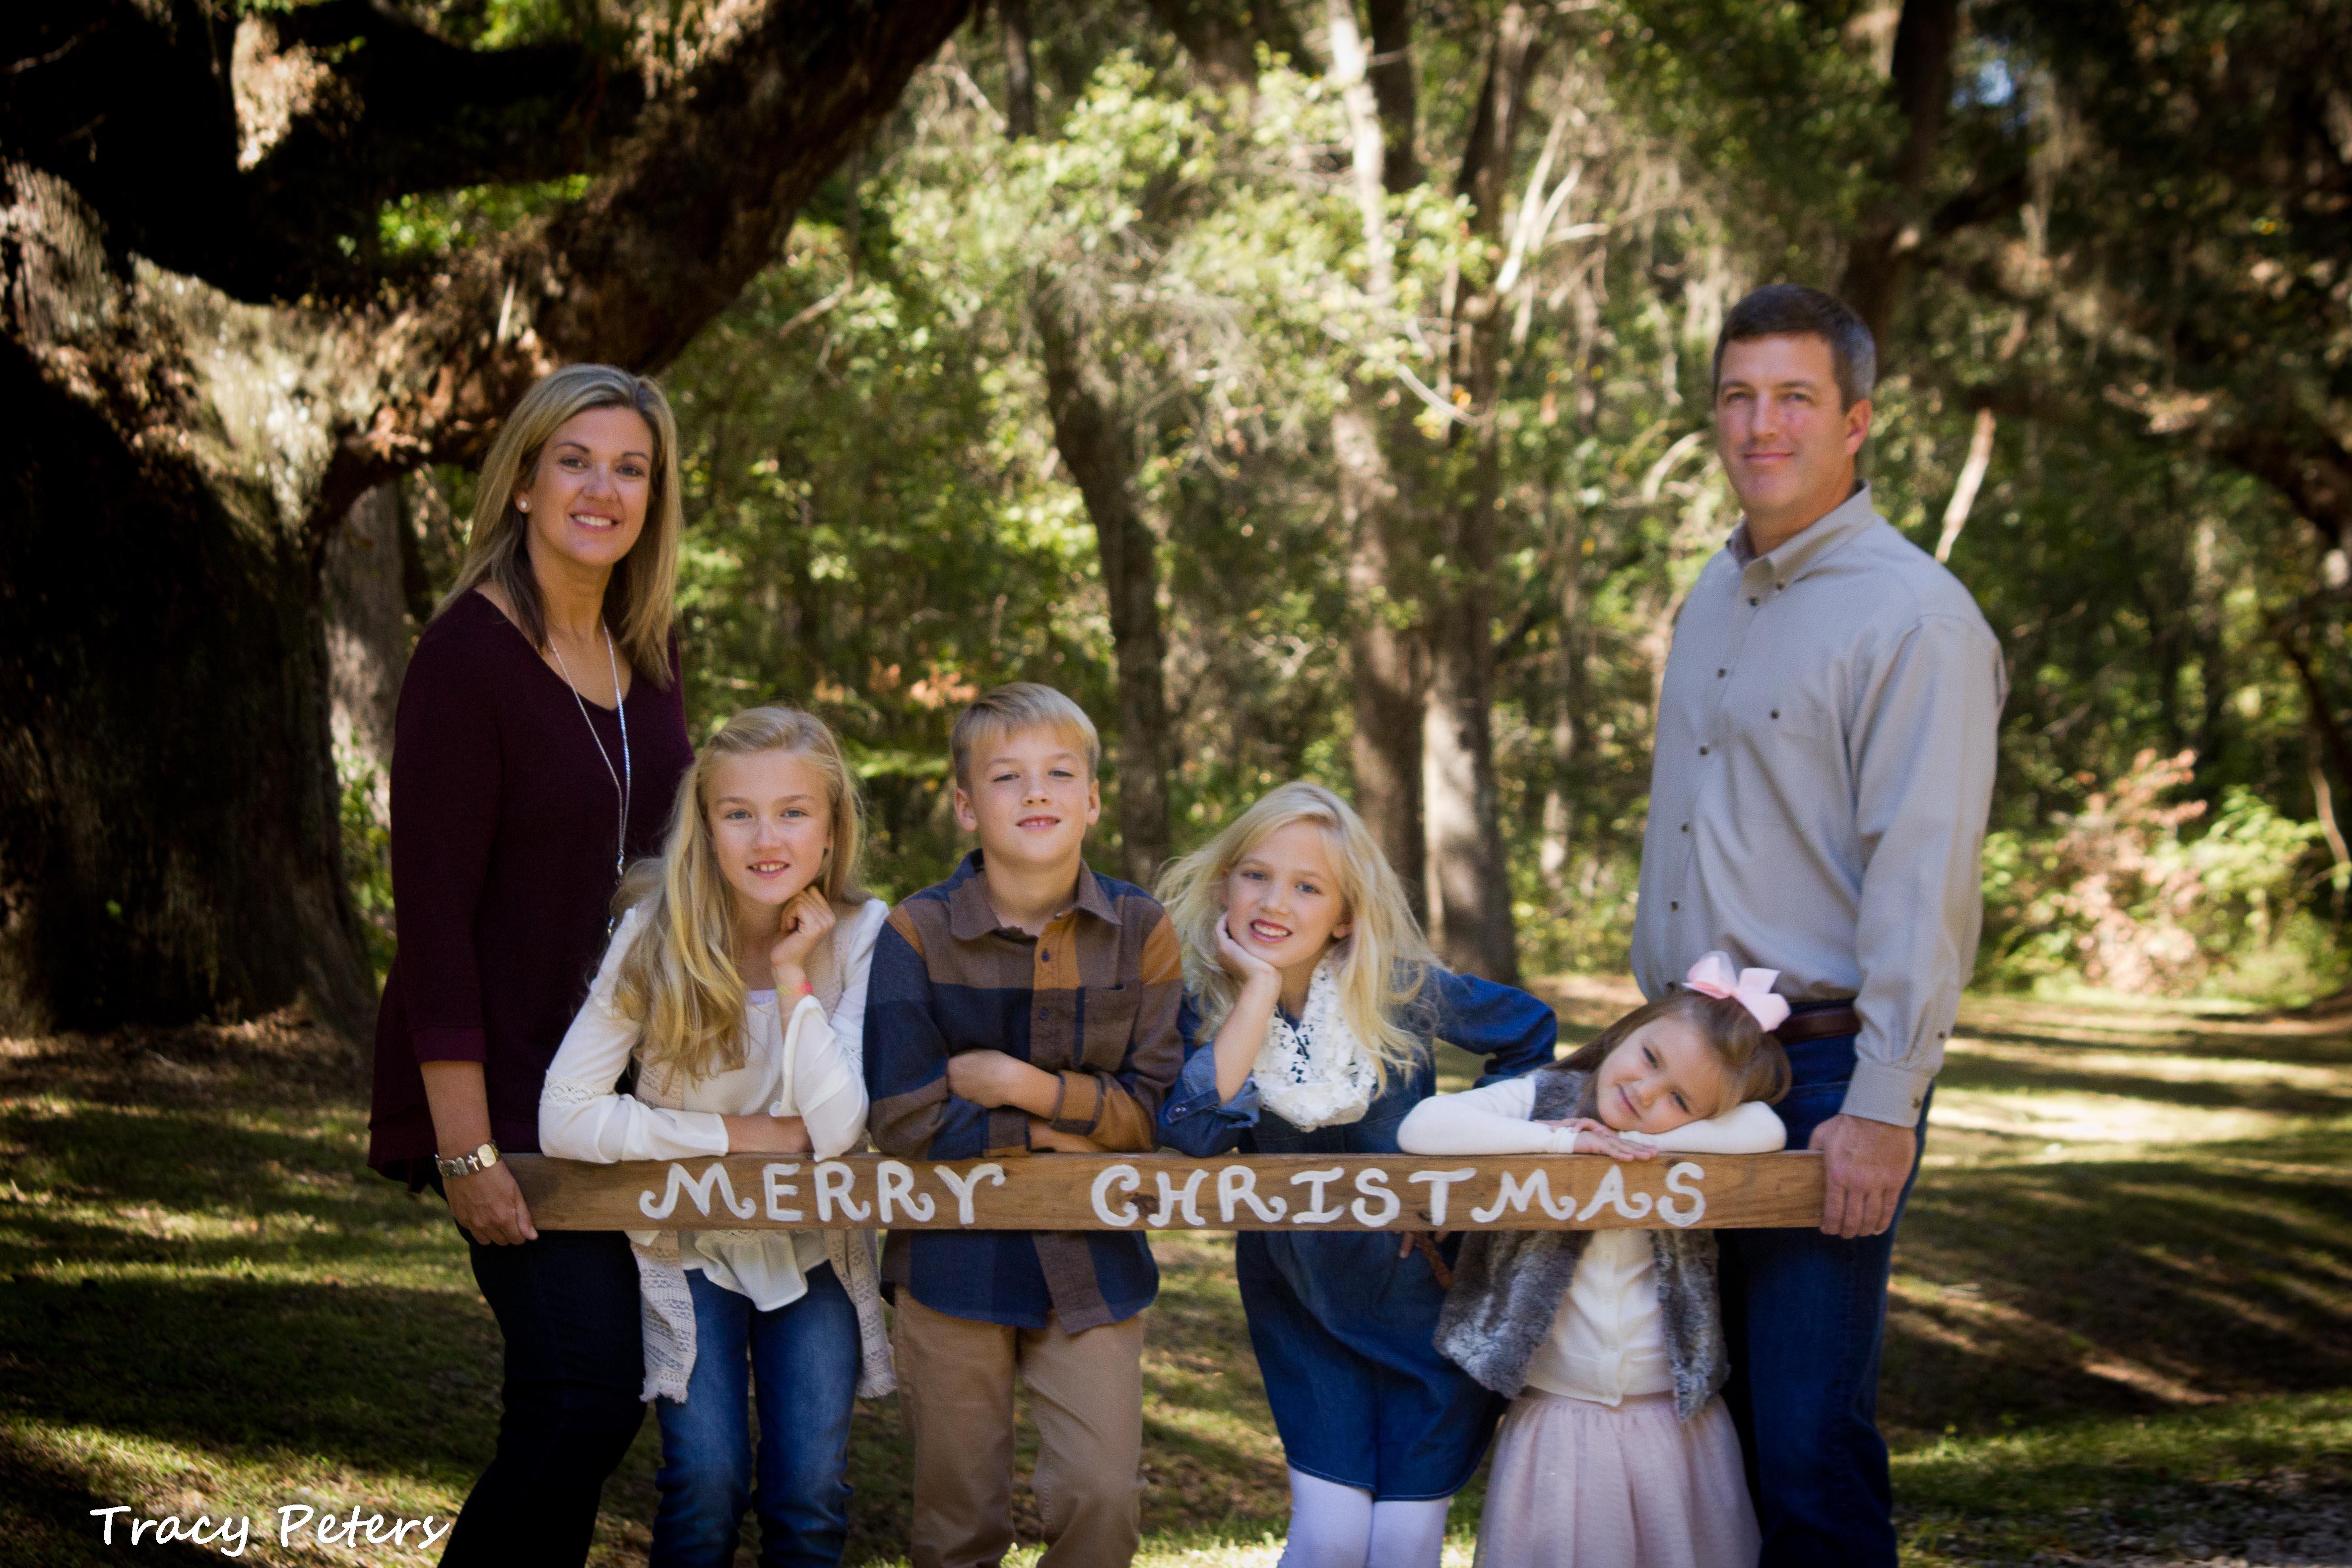 family_life_11-16-13